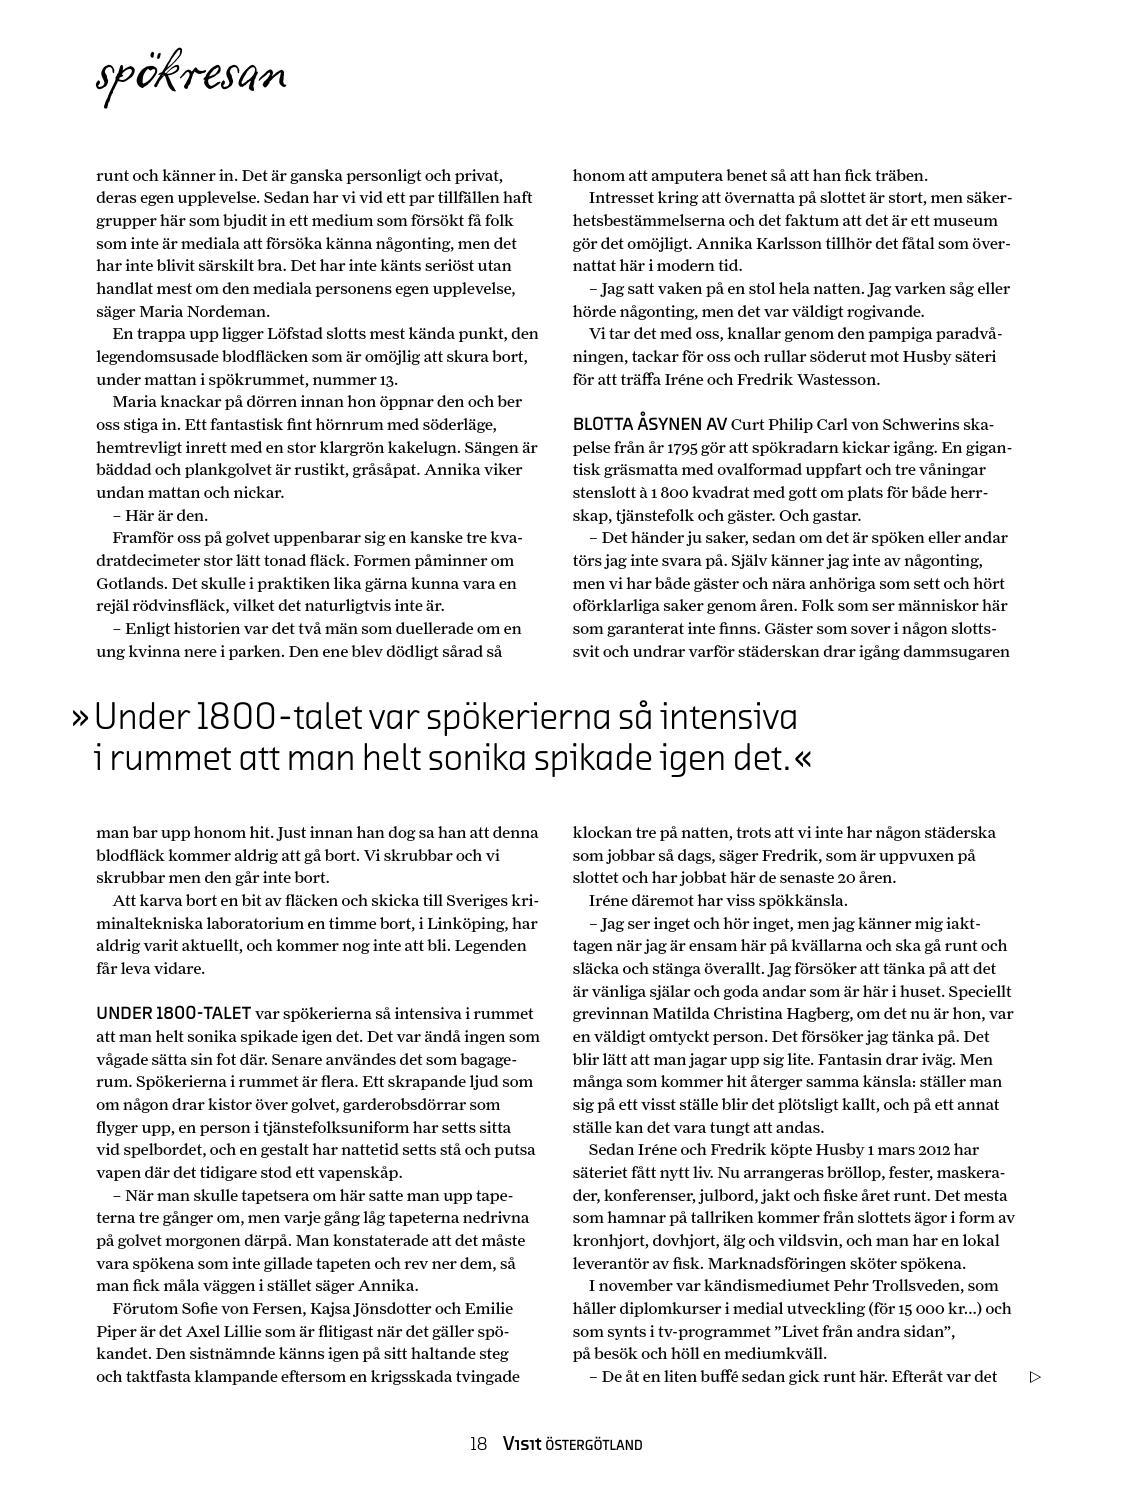 Magasin Visit Östergötland höst vinter 2013 by Visit Östergötland - issuu bdbcdefecc58d